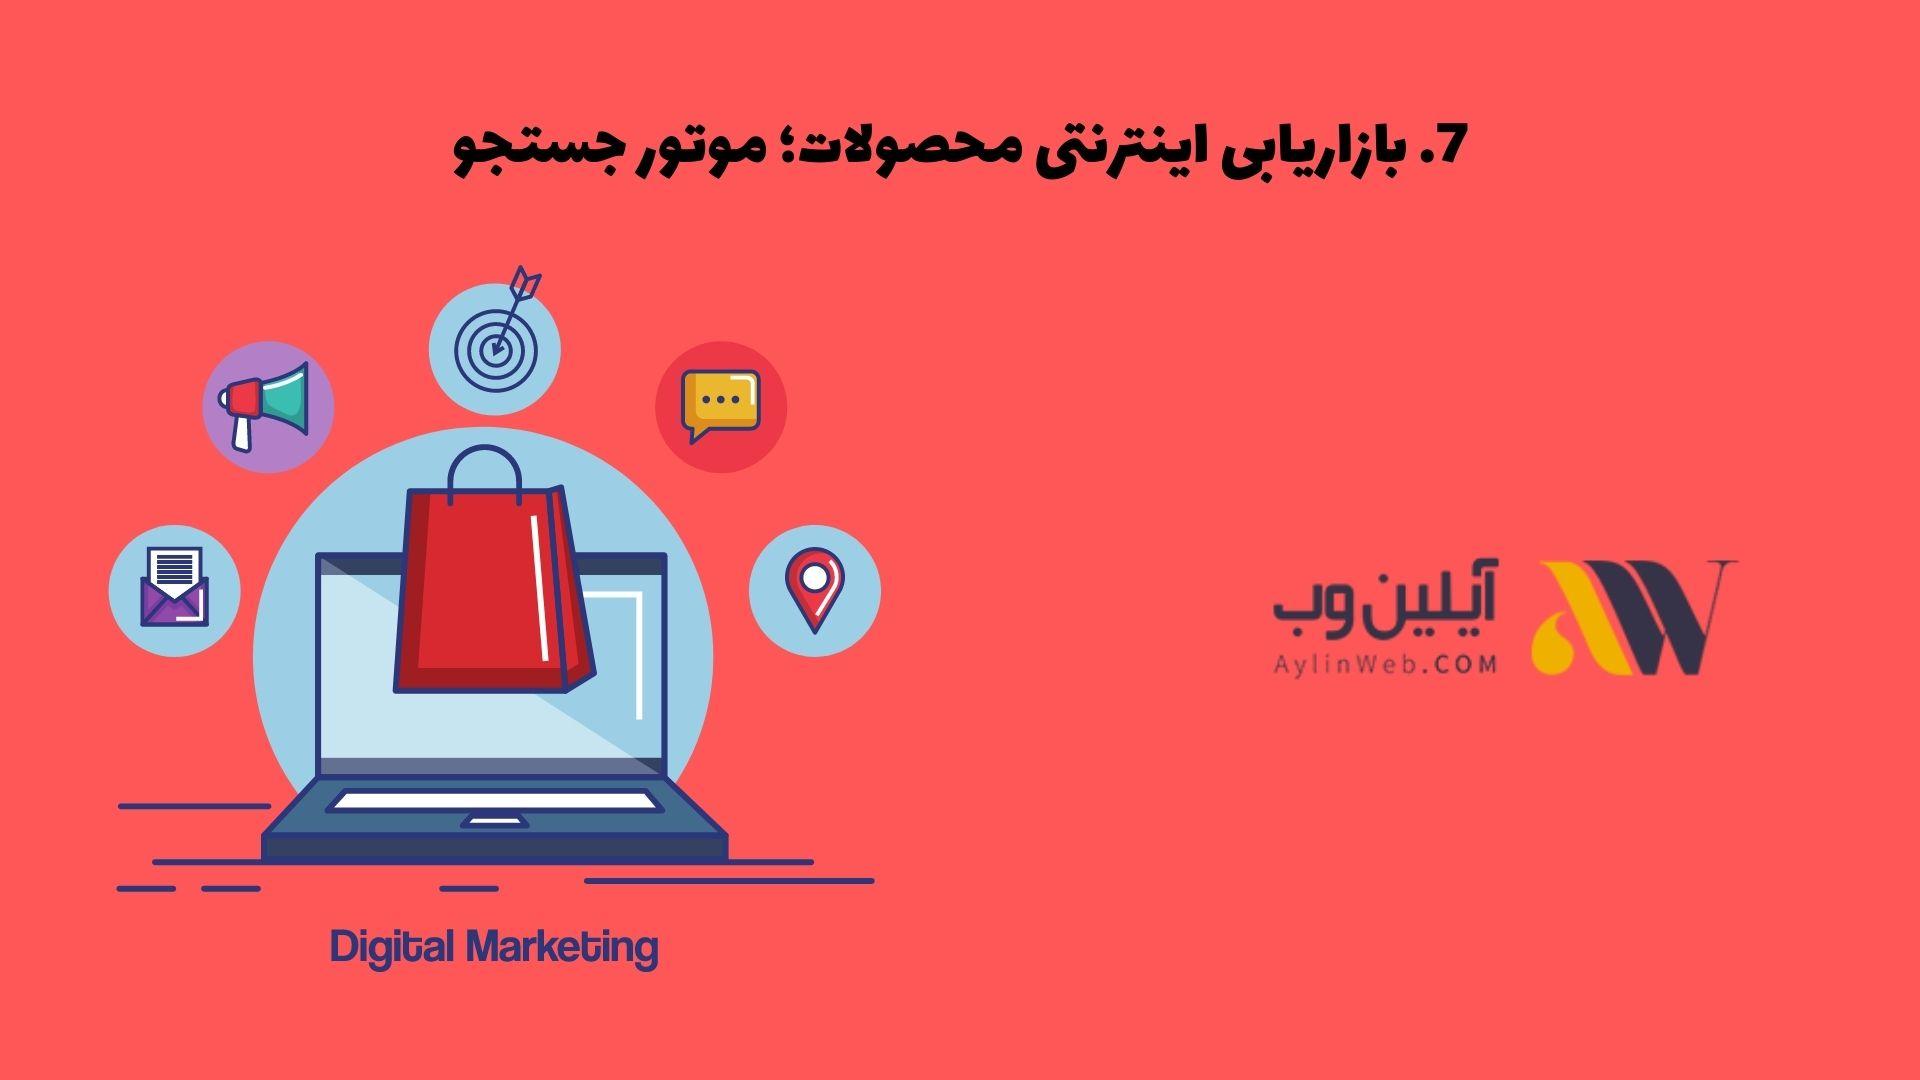 بازاریابی اینترنتی محصولات؛ موتور جست و جو